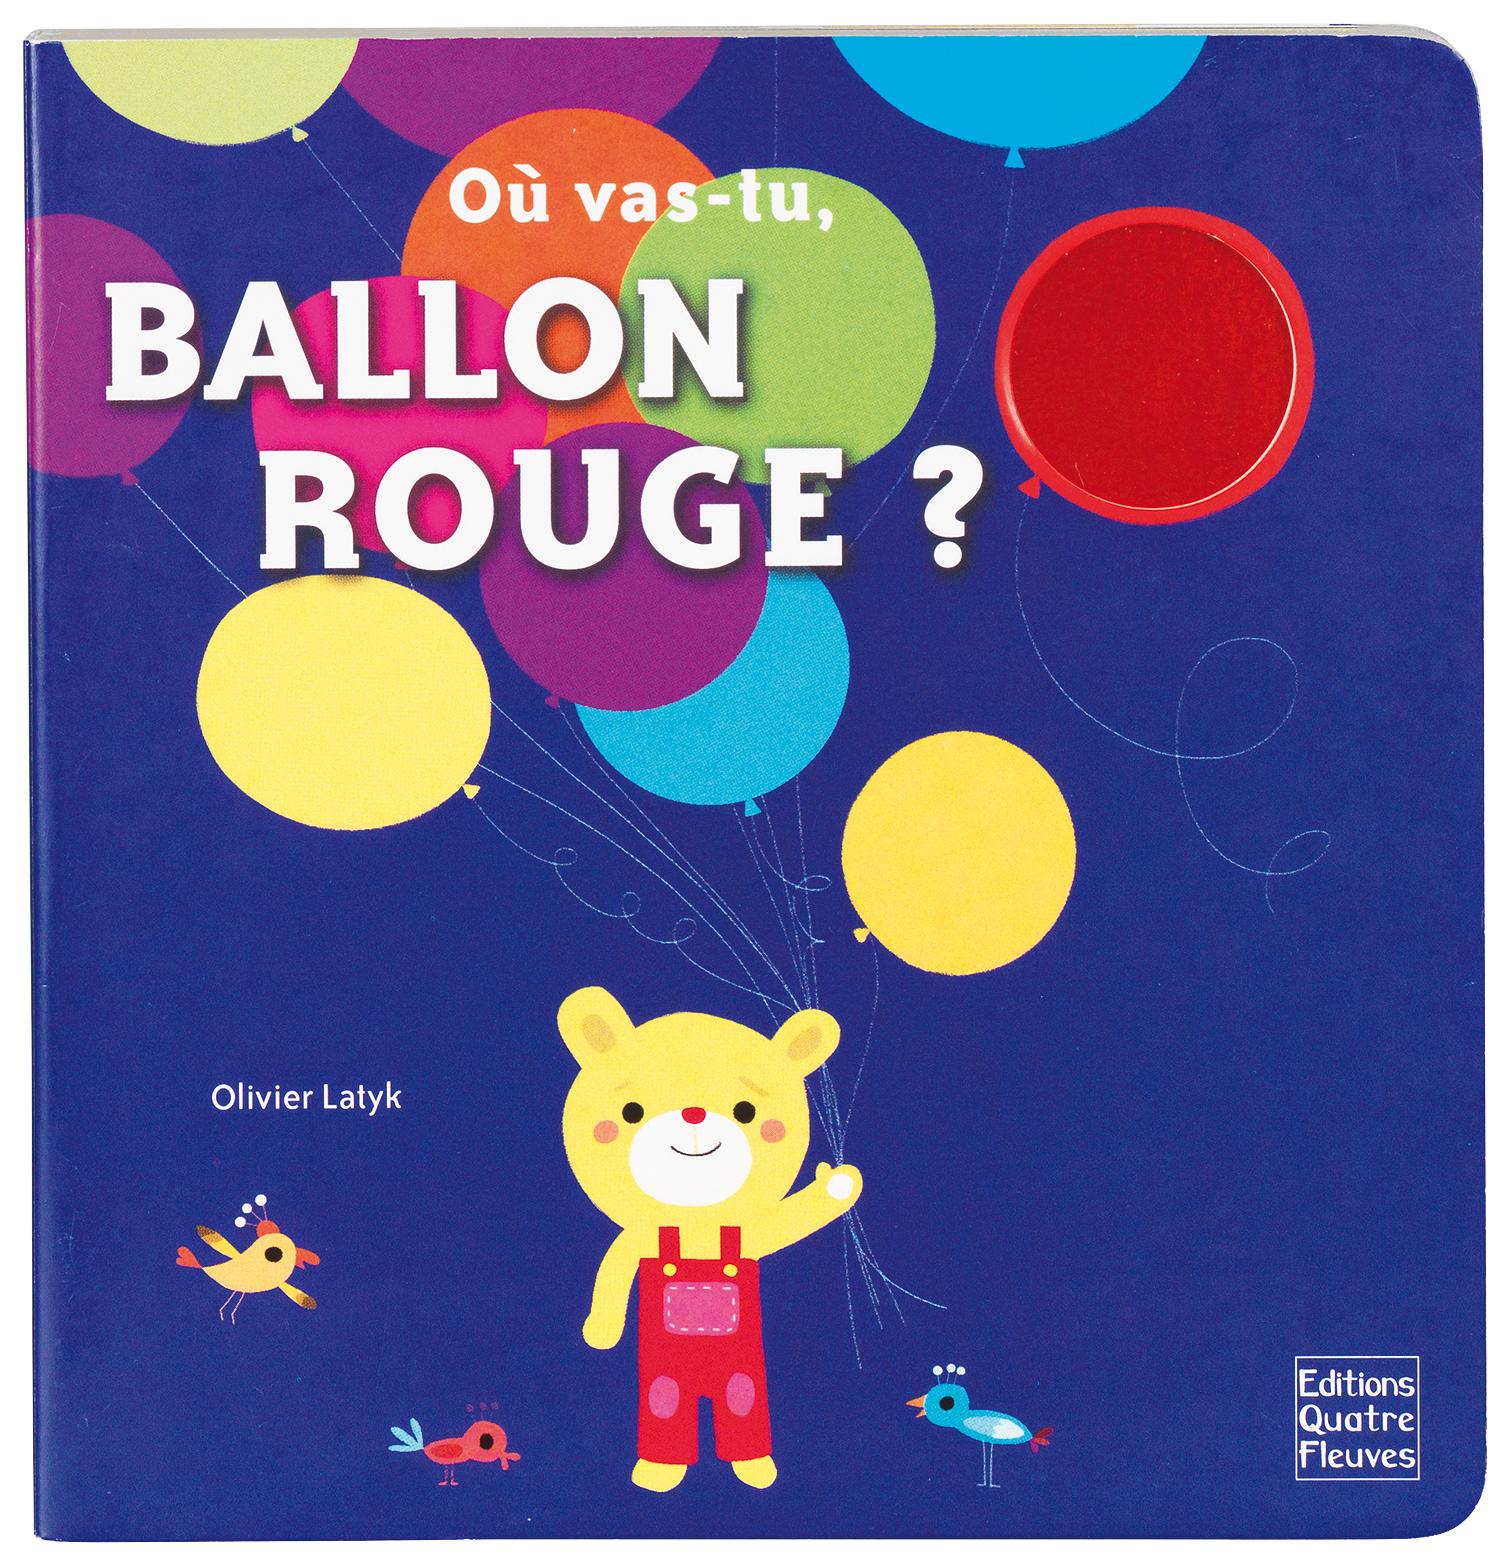 OU VAS-TU BALLON ROUGE ?